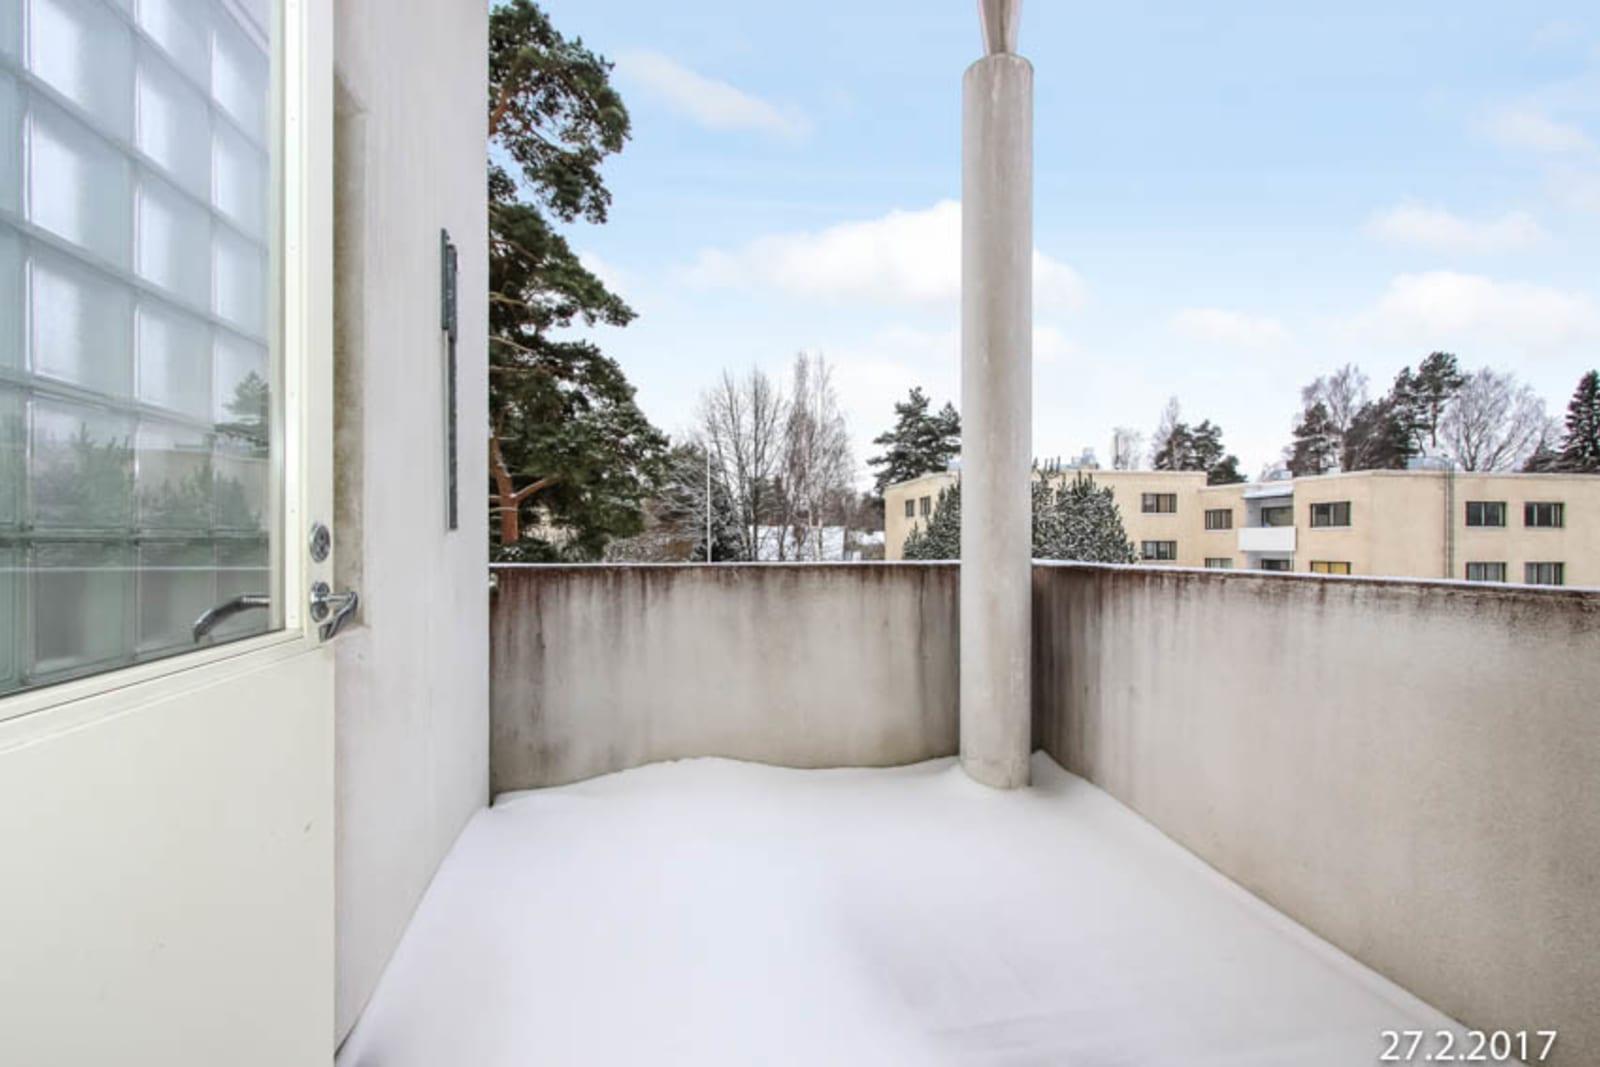 Helsinki, Pitäjänmäki, Piispantie 3 E 010